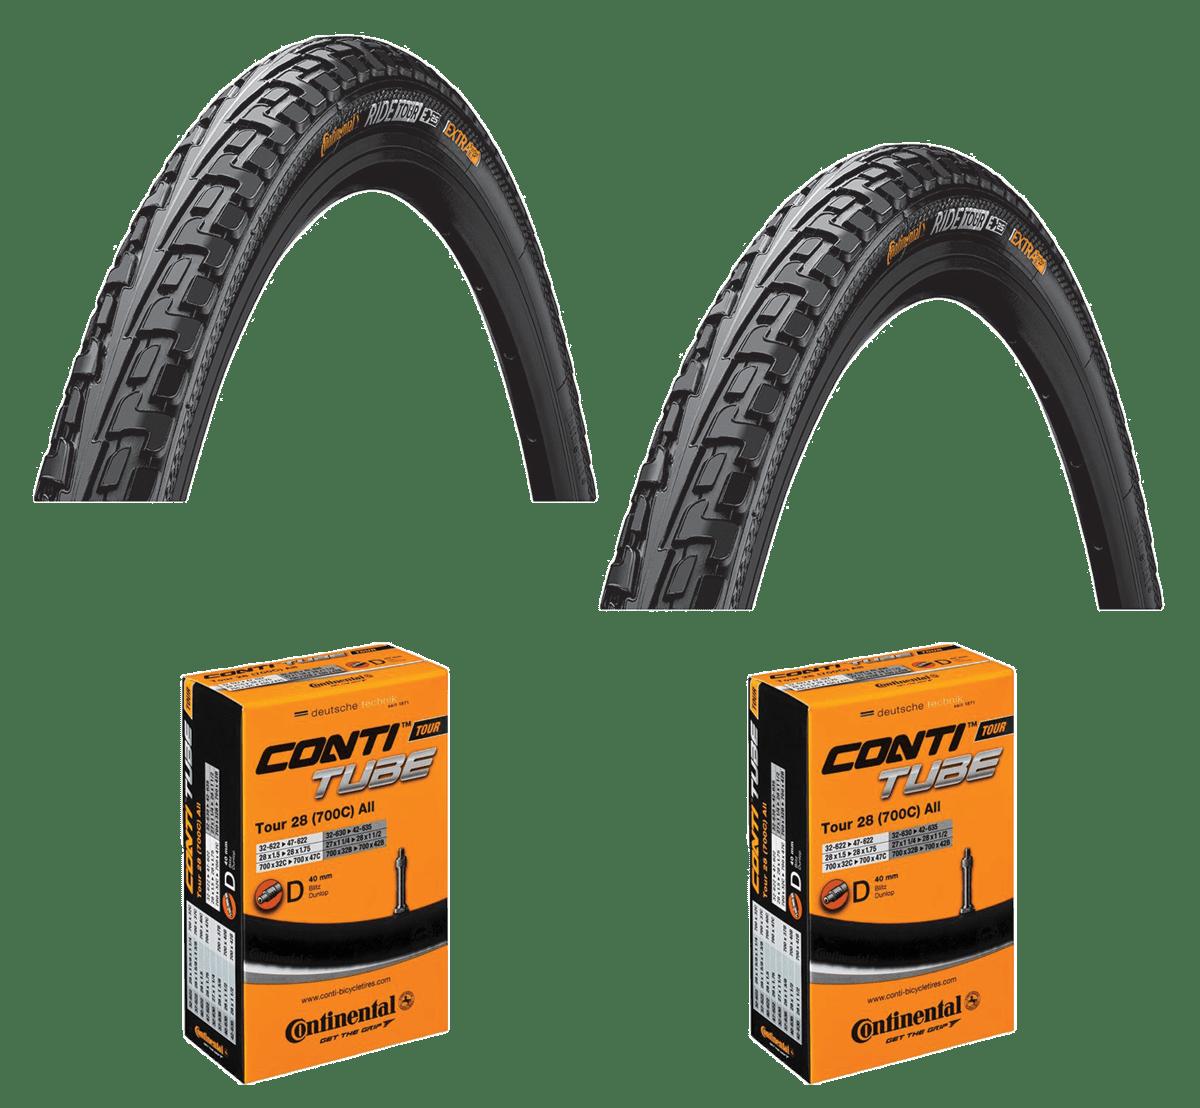 2 Dæk + 2 Slanger Continental Ride Tour Sort 700x40C (42-622) Dunlop Ventil